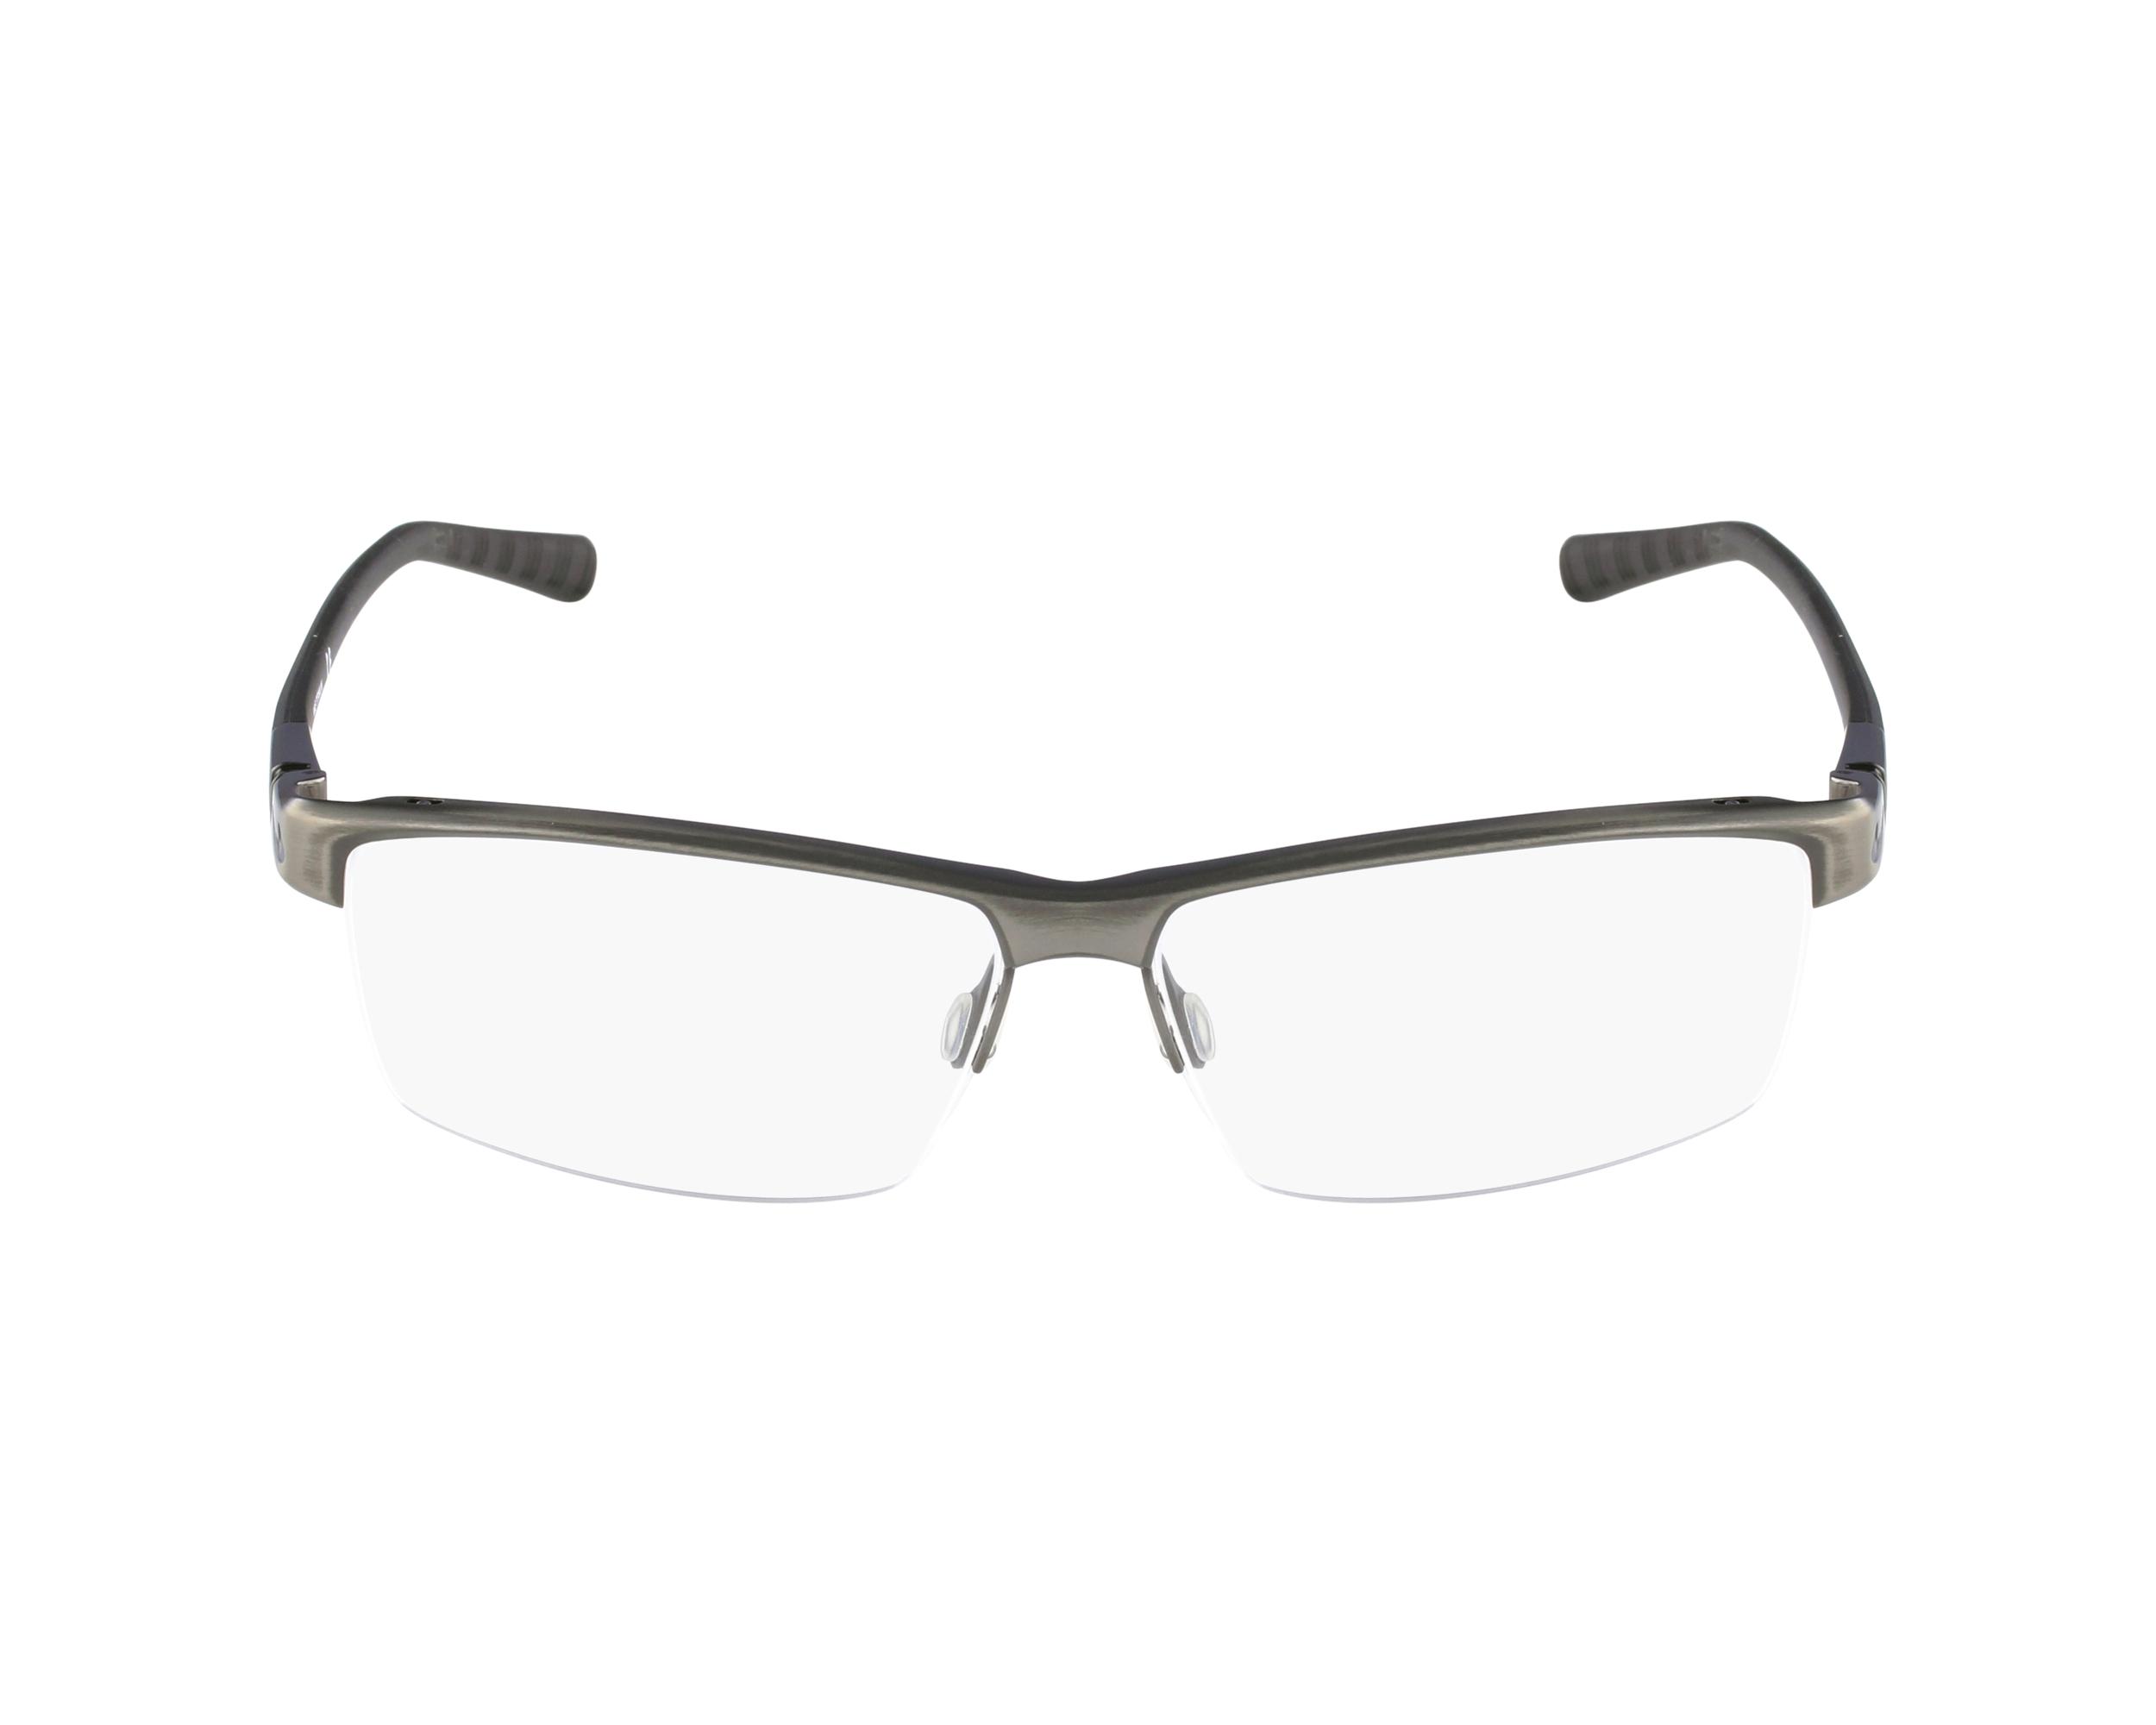 Erfreut Nike Brillenrahmen Fotos - Benutzerdefinierte Bilderrahmen ...